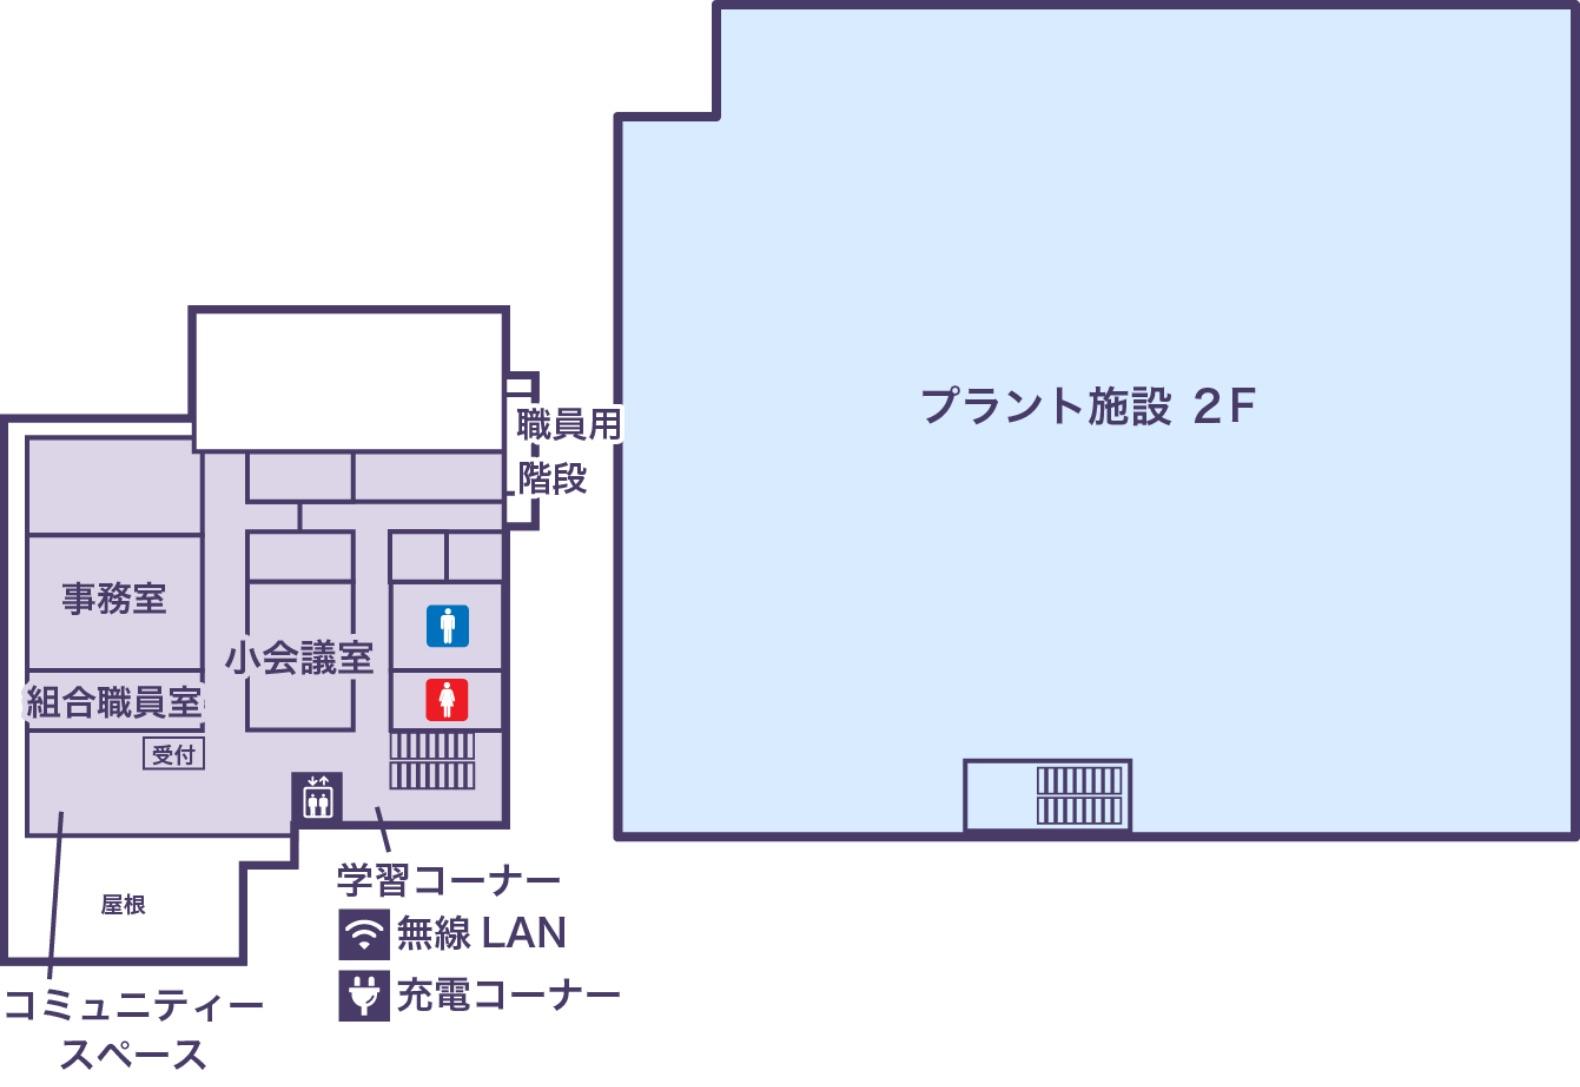 2Fの地図